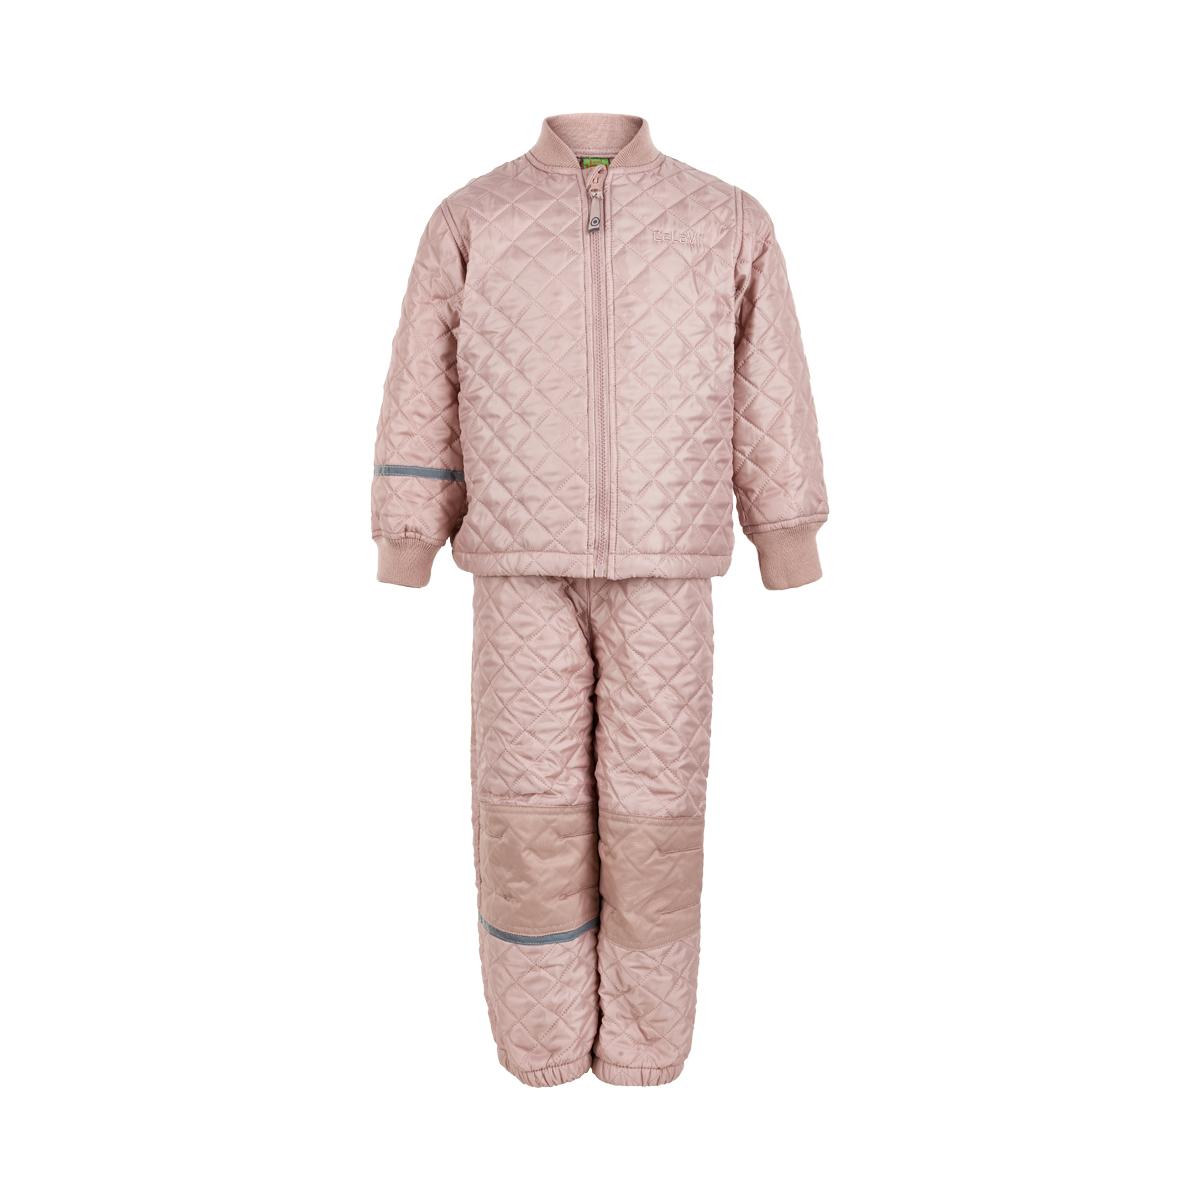 CeLaVi dětský termo oblek 3555-524